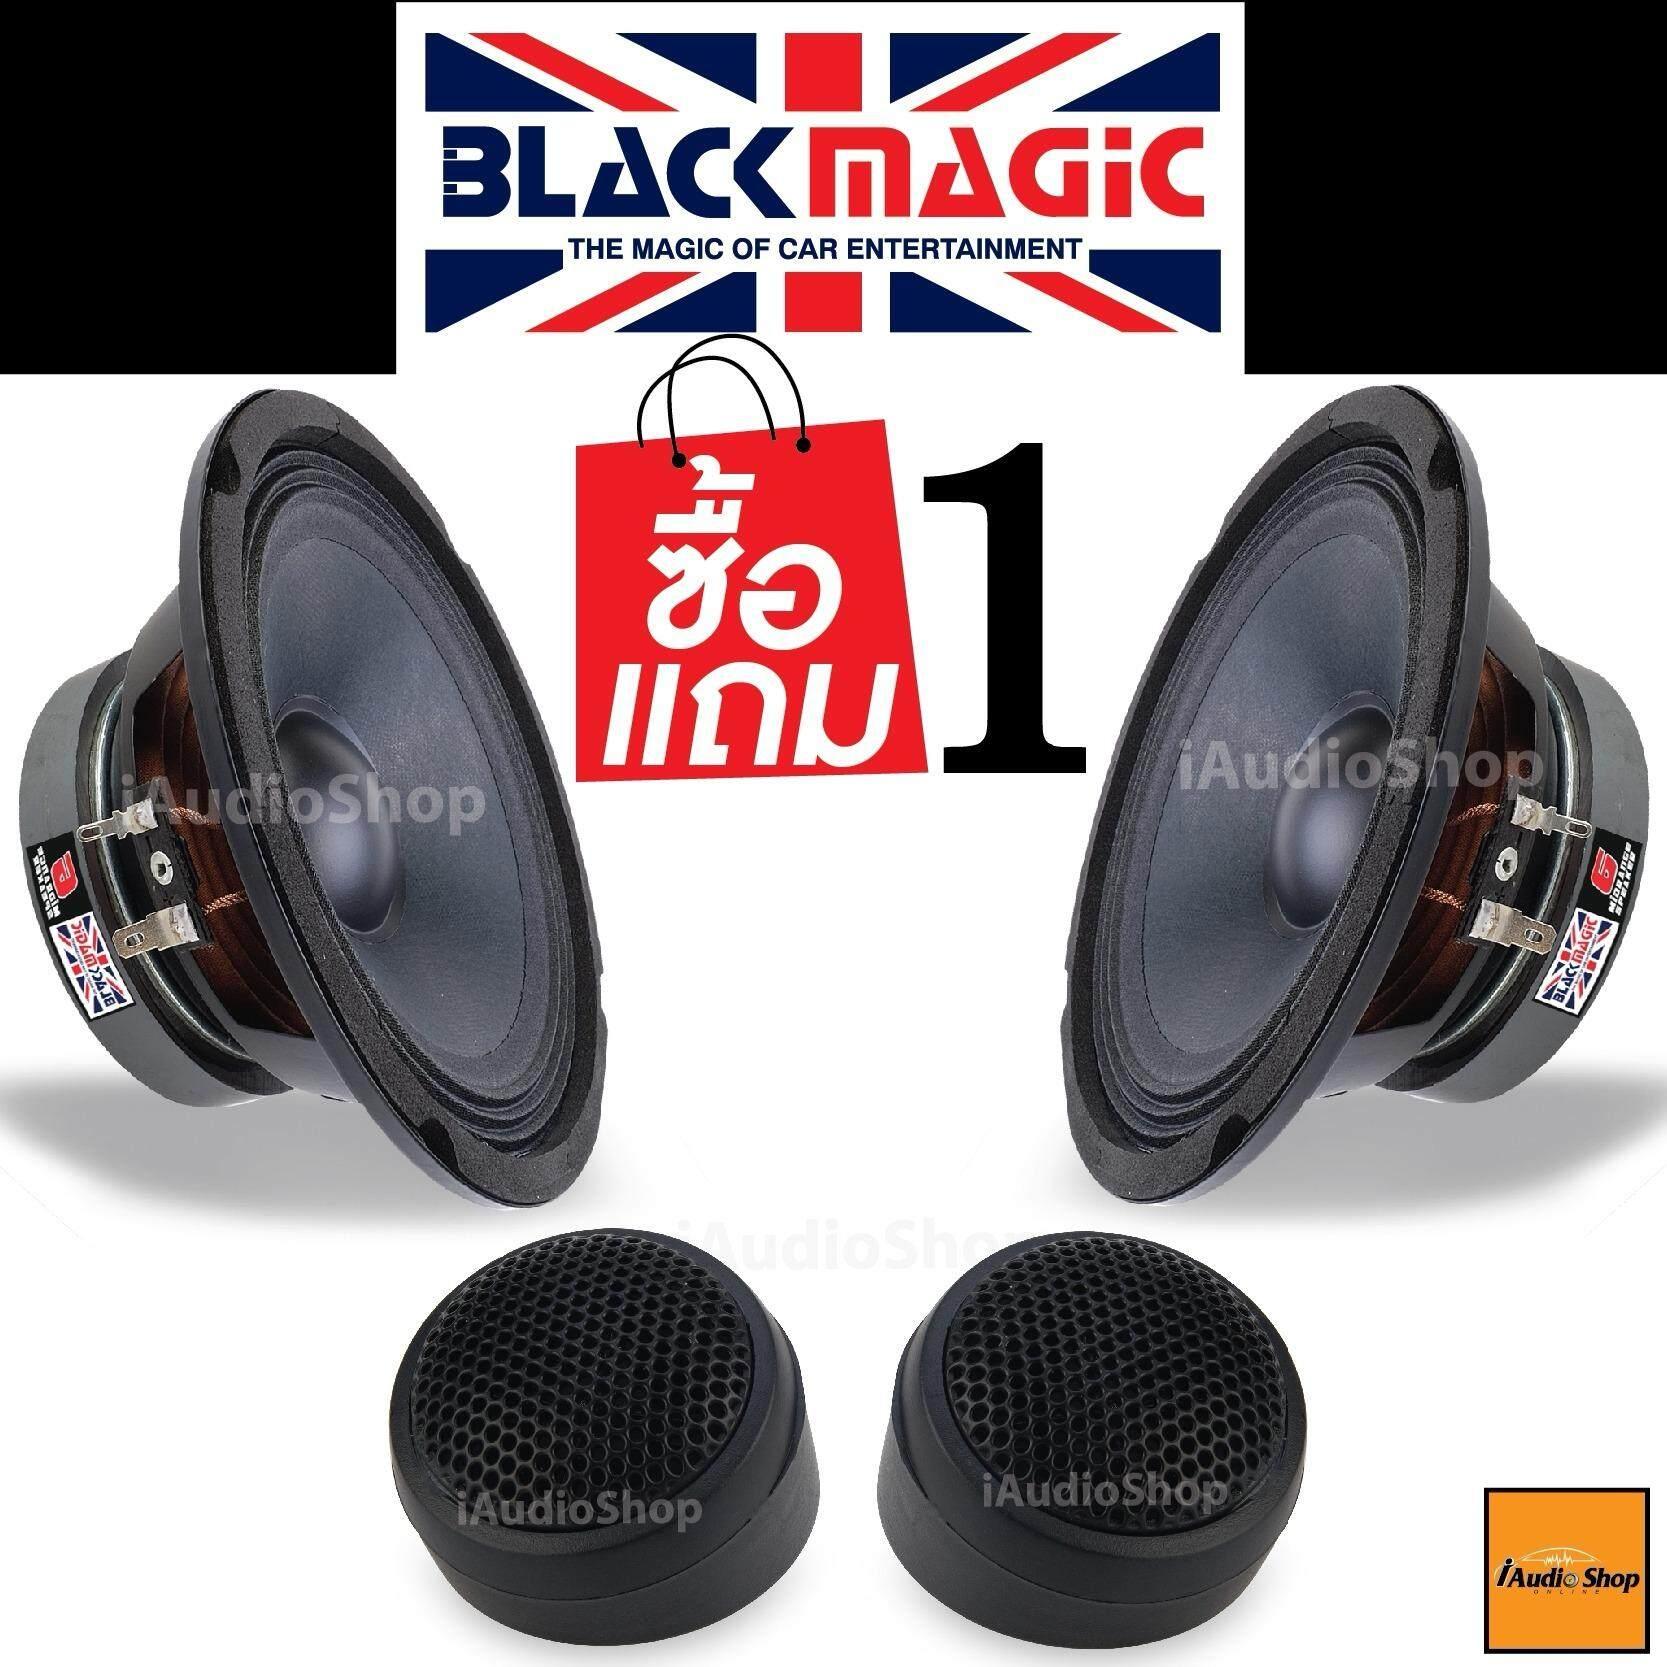 ทบทวน Black Magic ซื้อ1แถม1 ลำโพง ลำโพงเสียงกลาง ขนาด6 5 Bmg 6 จำนวน 1คู่ แถมฟรี ลำโพงทวิตเตอร์